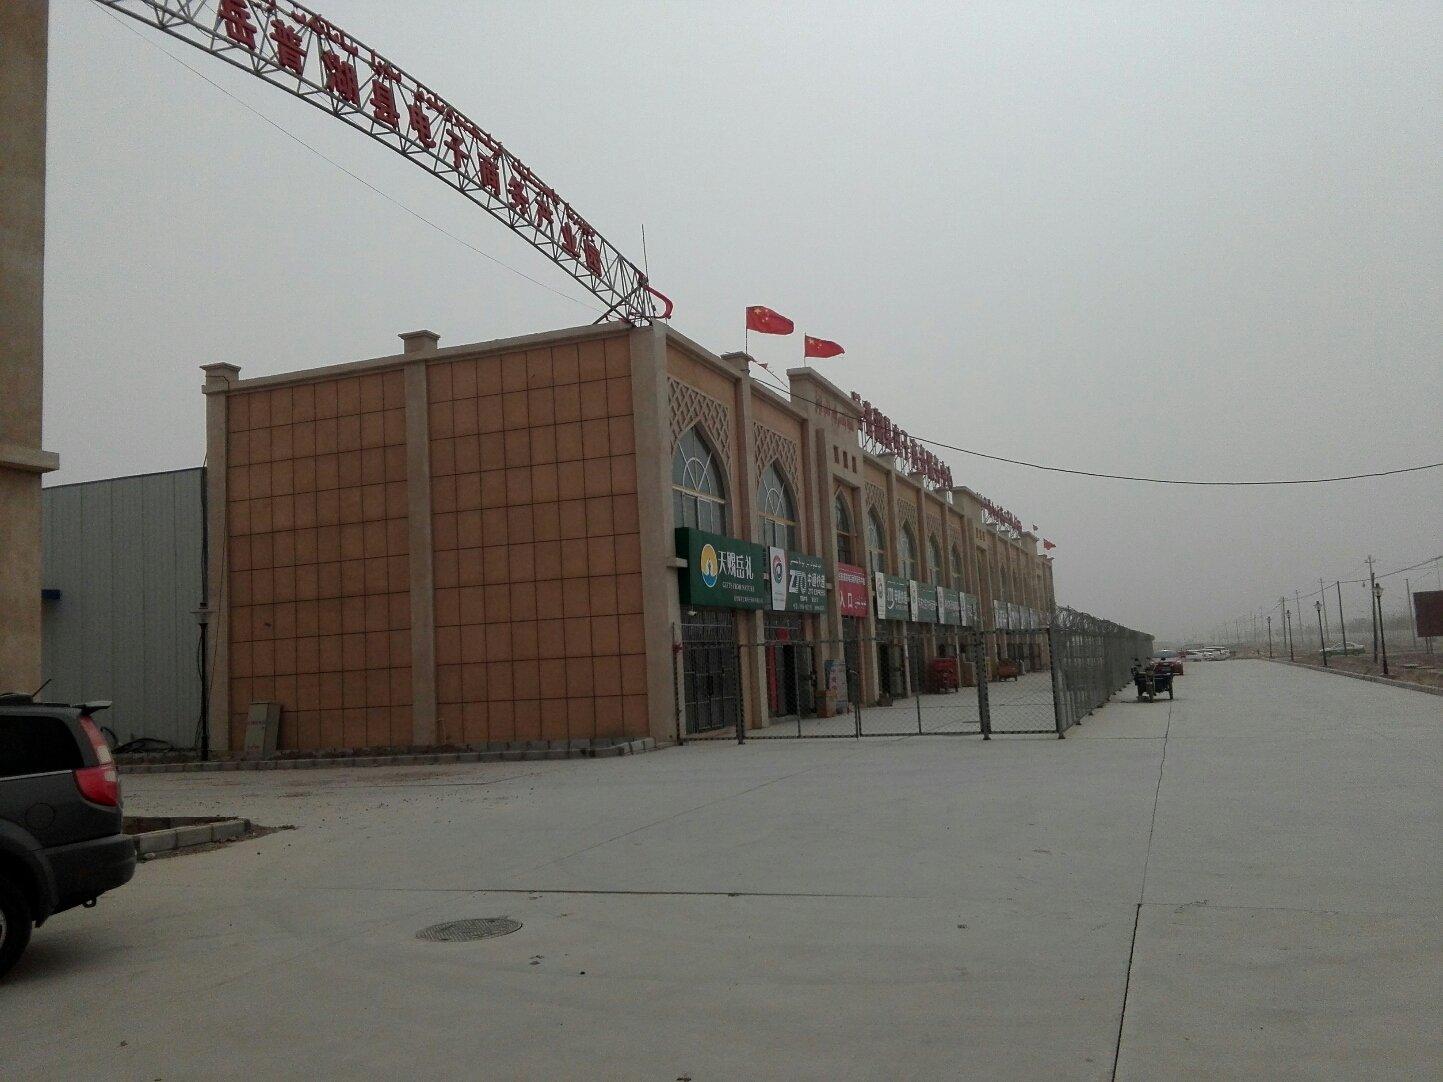 新疆维吾尔自治区喀什地区岳普湖县新城大道南路靠近岳普湖县司法局天气预报